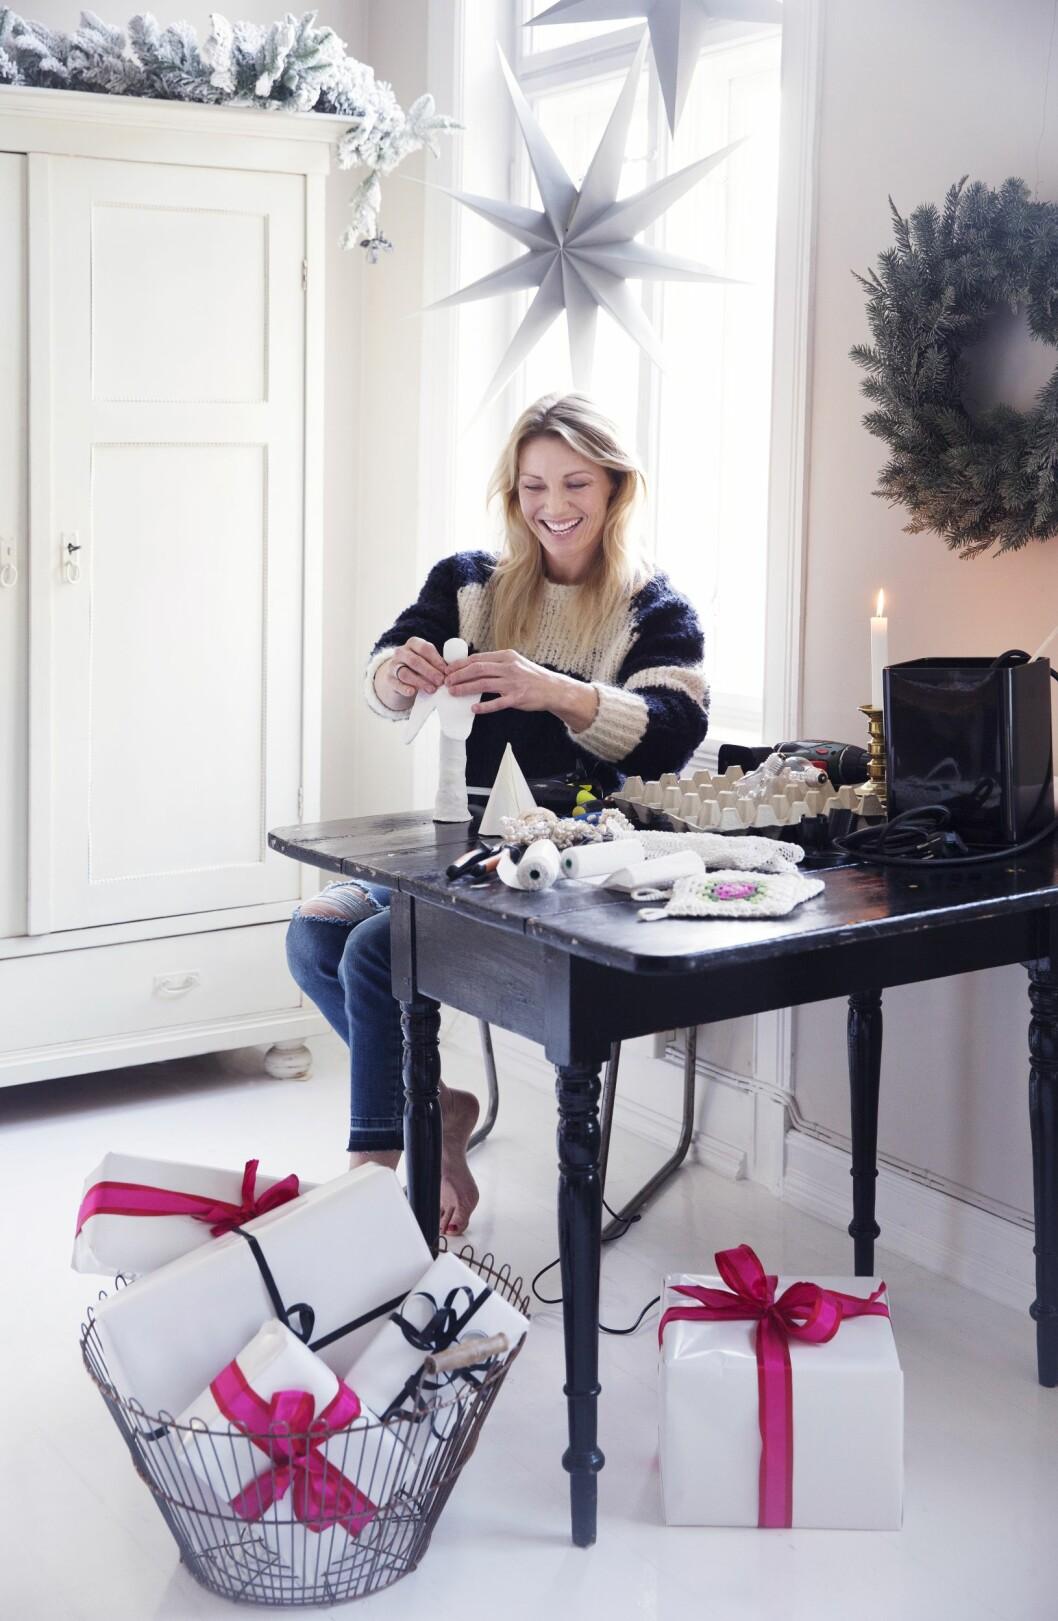 <strong>KREATIVE JULEIDEER:</strong> Kari bodde mange år i Oslo. – Den største forskjellen er at i Oslo får du tak i alt. På Voss må du være mer kreativ, sier Kari, som raust deler sine beste juleideer med KKs lesere.  Foto: Yvonne Wilhelmsen